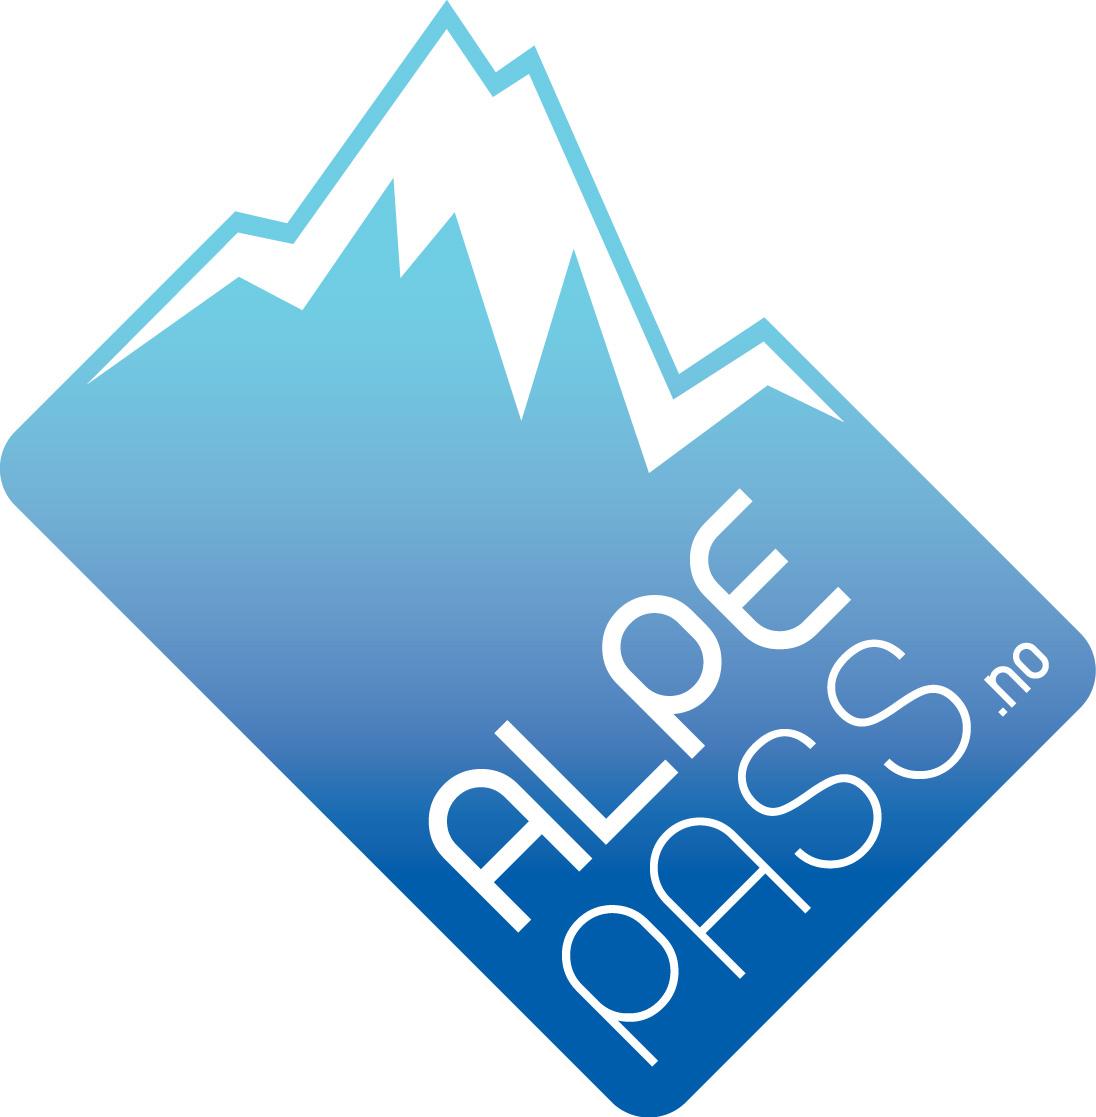 ALPEPASS_logo1_blaÌŠ.jpg